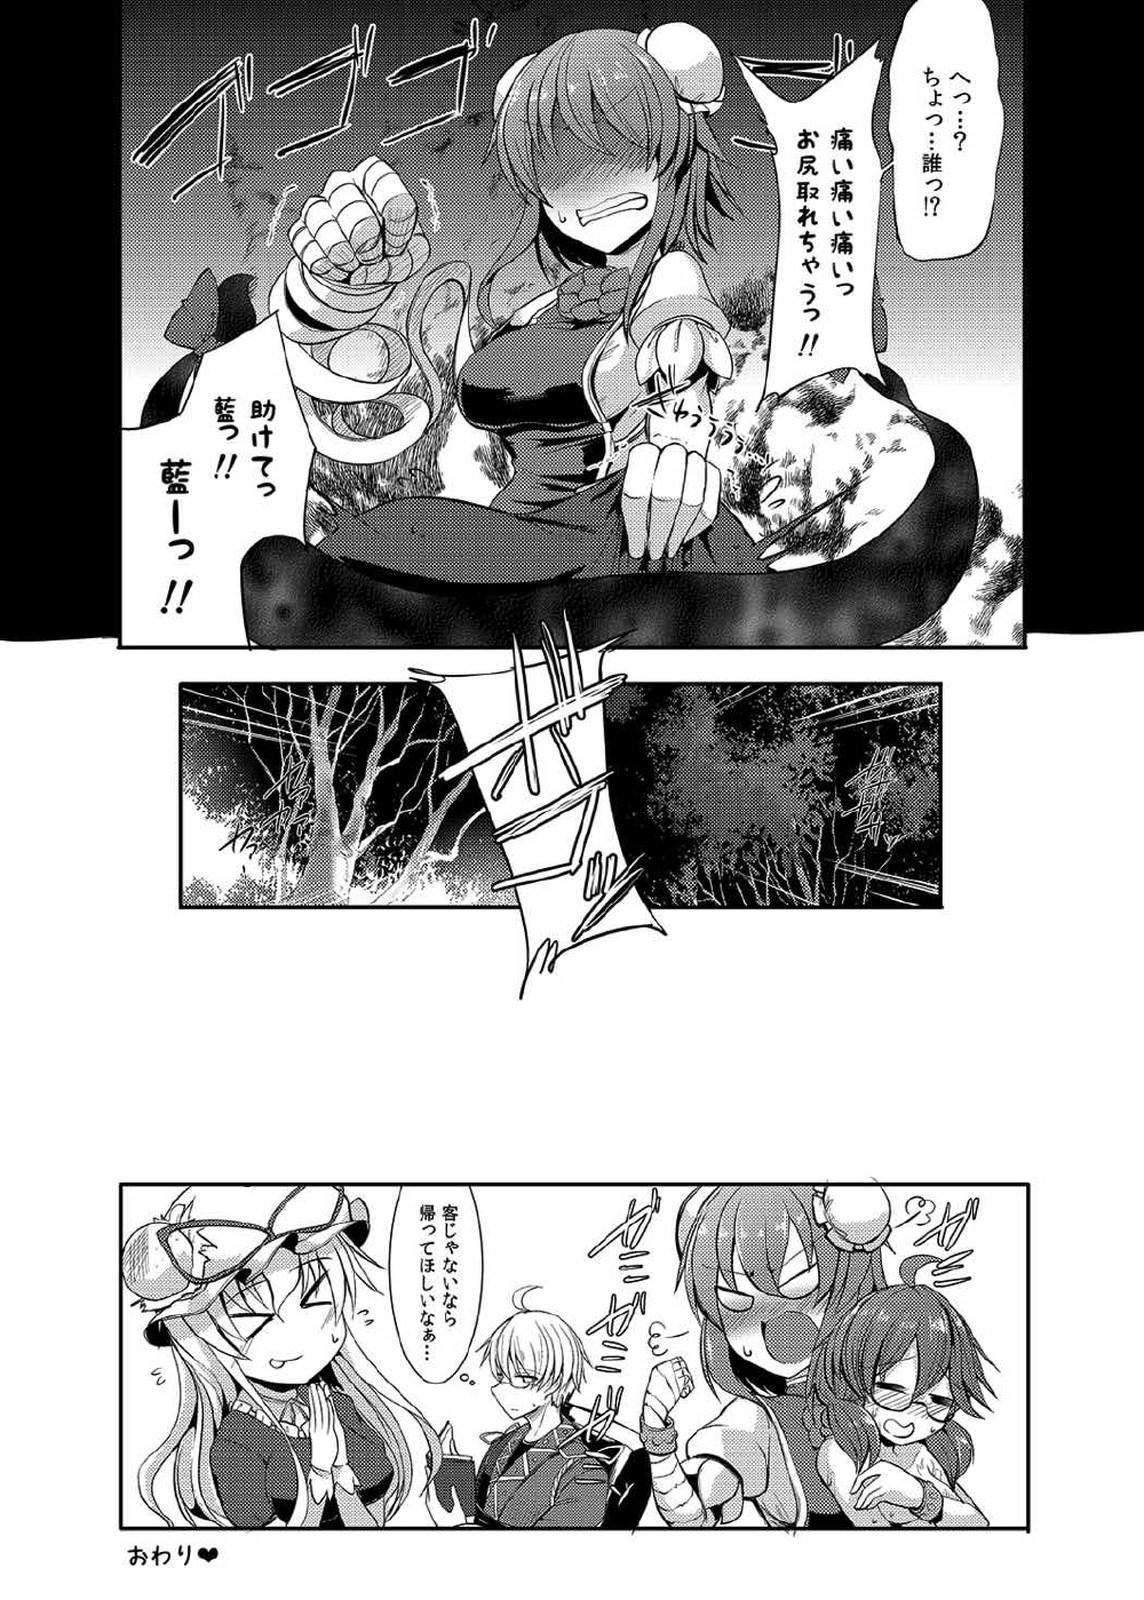 エロ 漫画 快楽責め エルフ